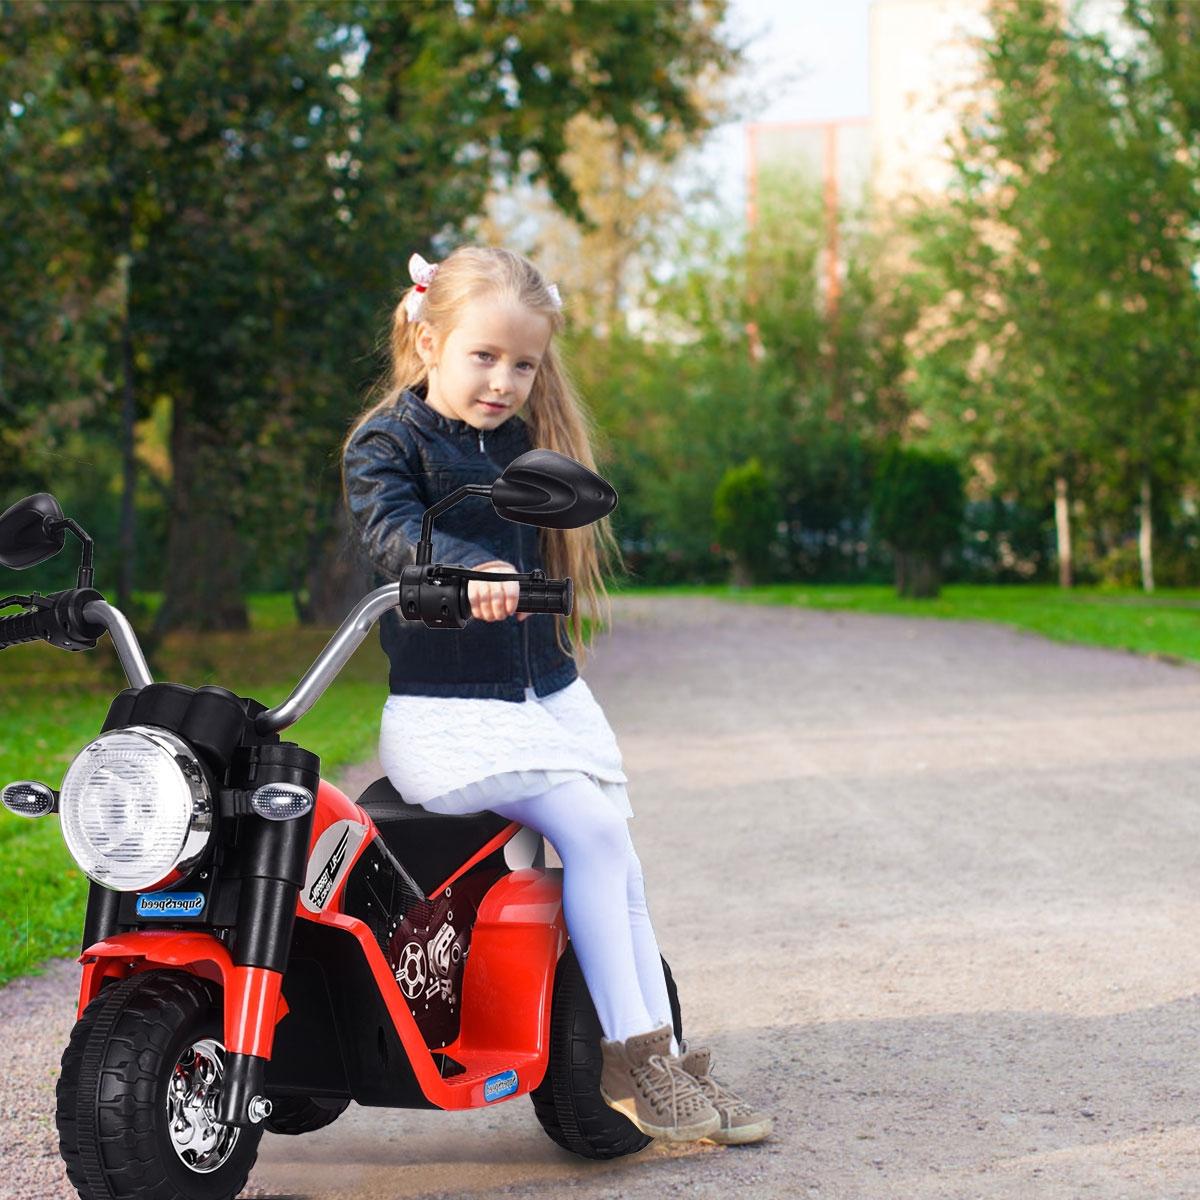 Costway Moto elettrica multifunzione per bambini da 36-95 mesi con led 72x57x56cm Rosso